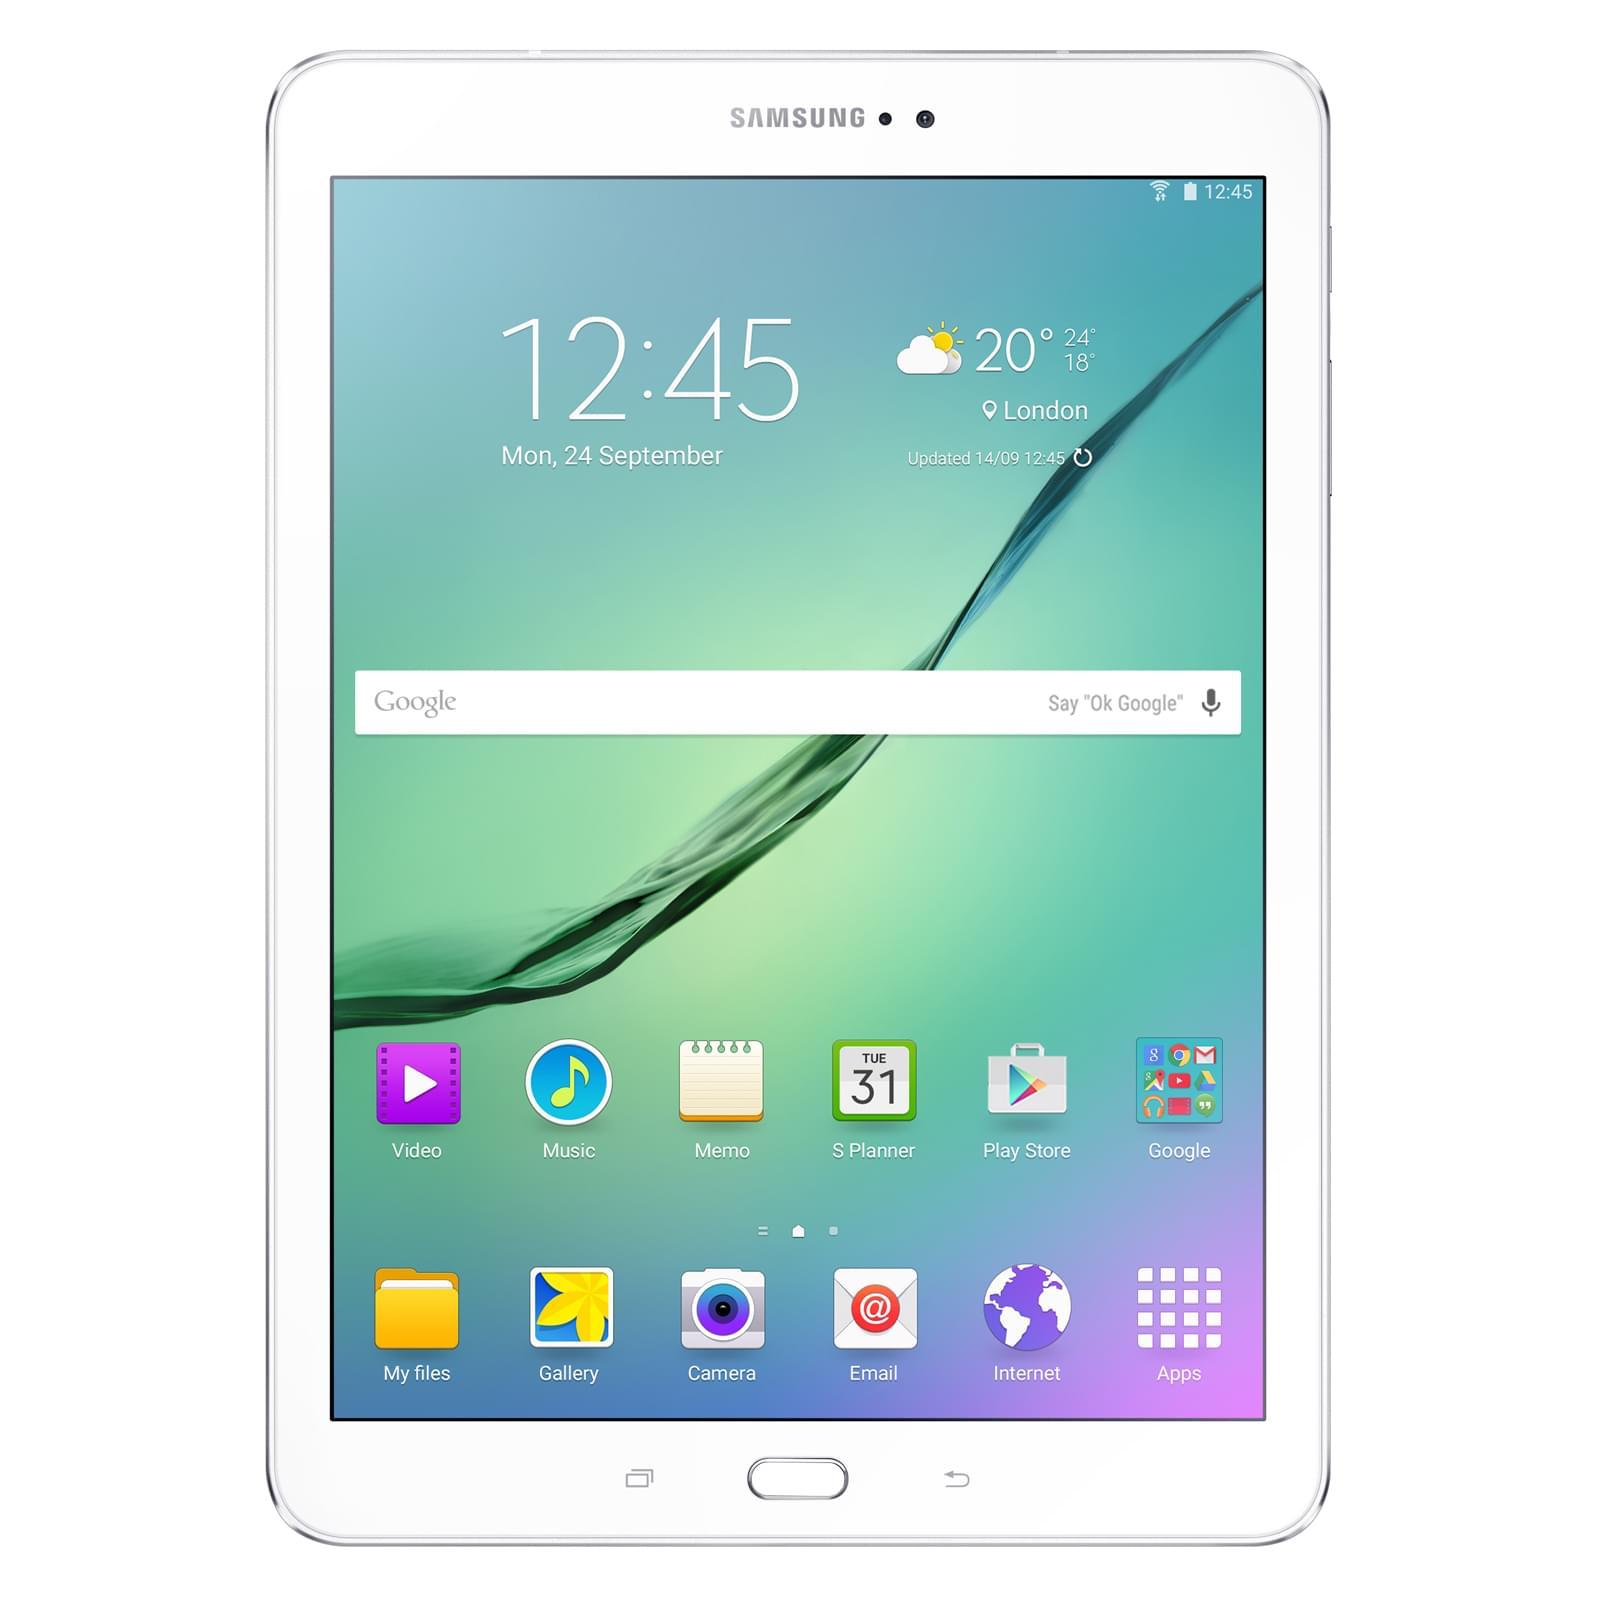 Tablette Samsung Galaxy TAB S2 32Go blanc Wifi autonomie 12h - T810NZW - 0